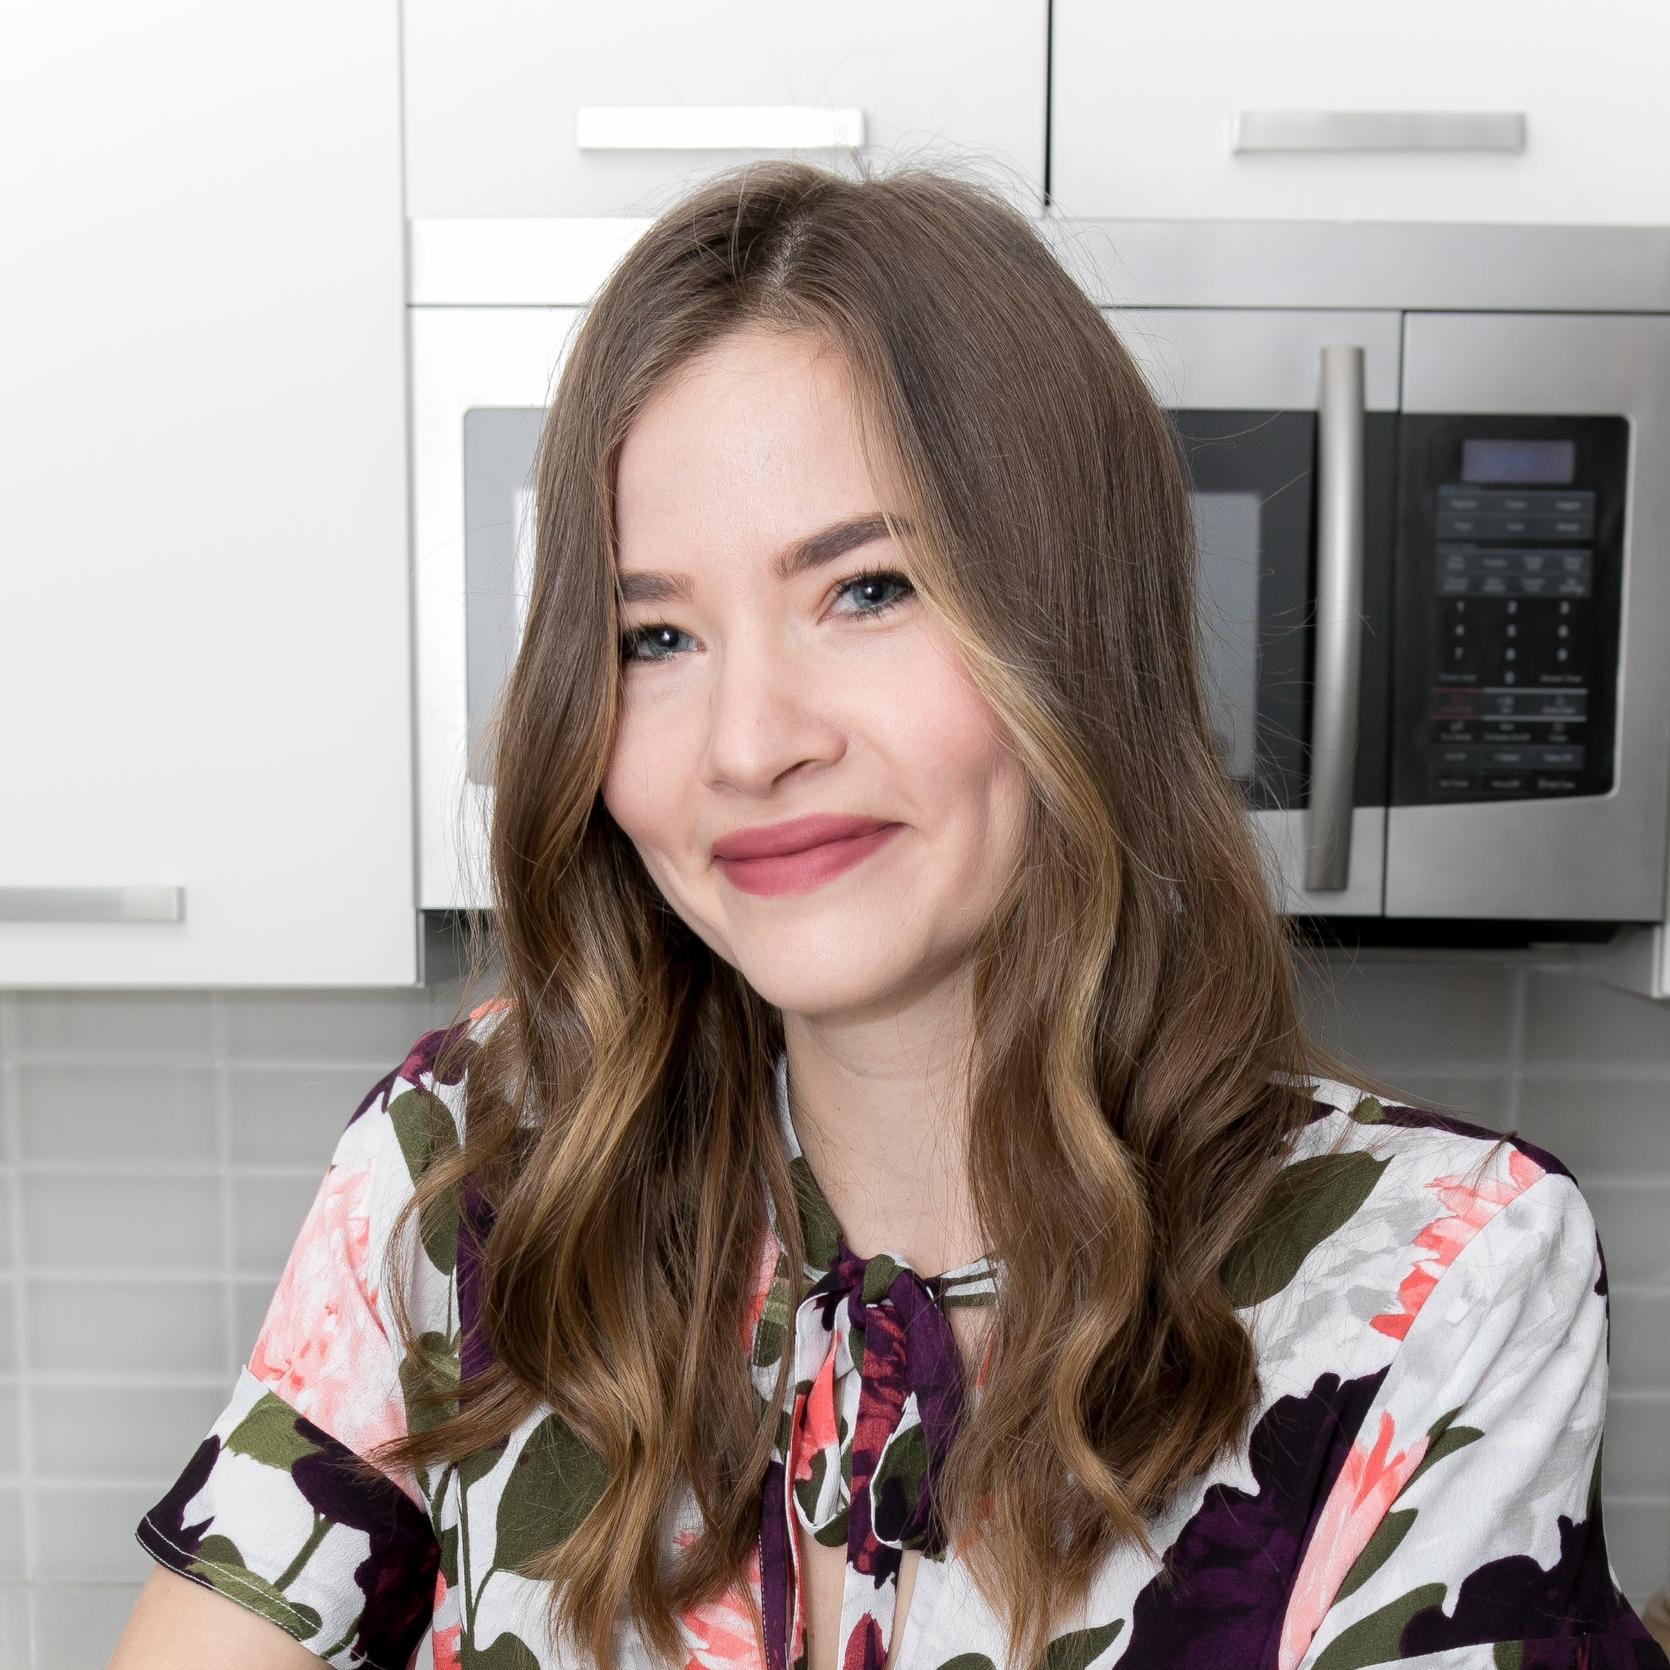 Sarah Zuback